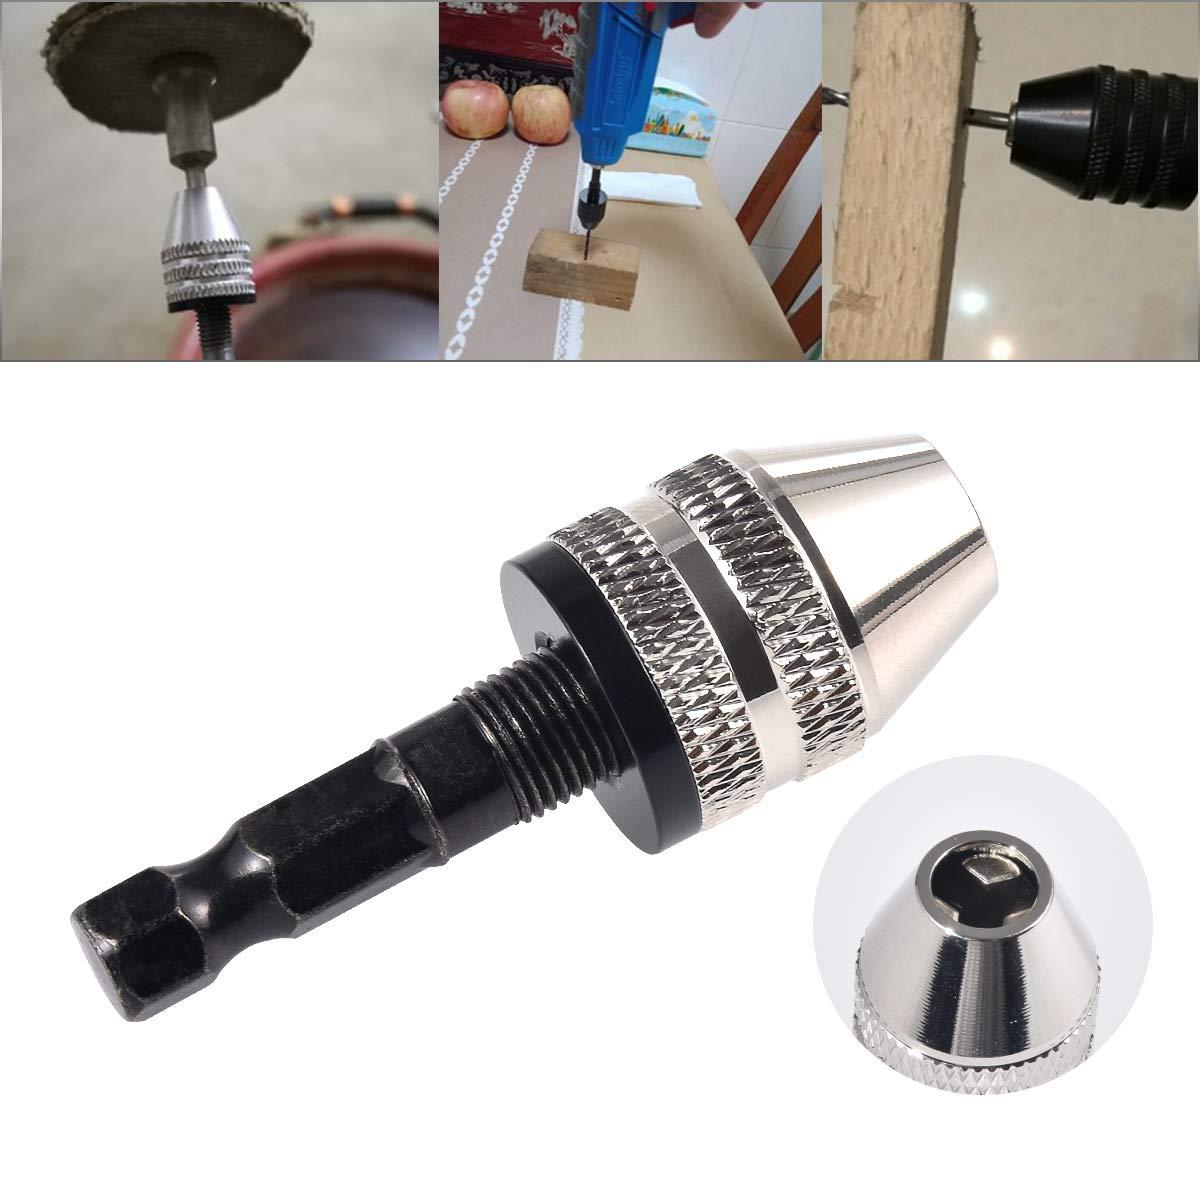 3,4/mm Bohrer Maschine f/ür micro-production oder Medical Industrie HOHXEN Keyless-Mini 3-jaw-Schnellspannbohrfutter Schraubendreher Adapter mit Schnellwechsel-2,35/mm rund Schaft zu halten Lupe 0,3